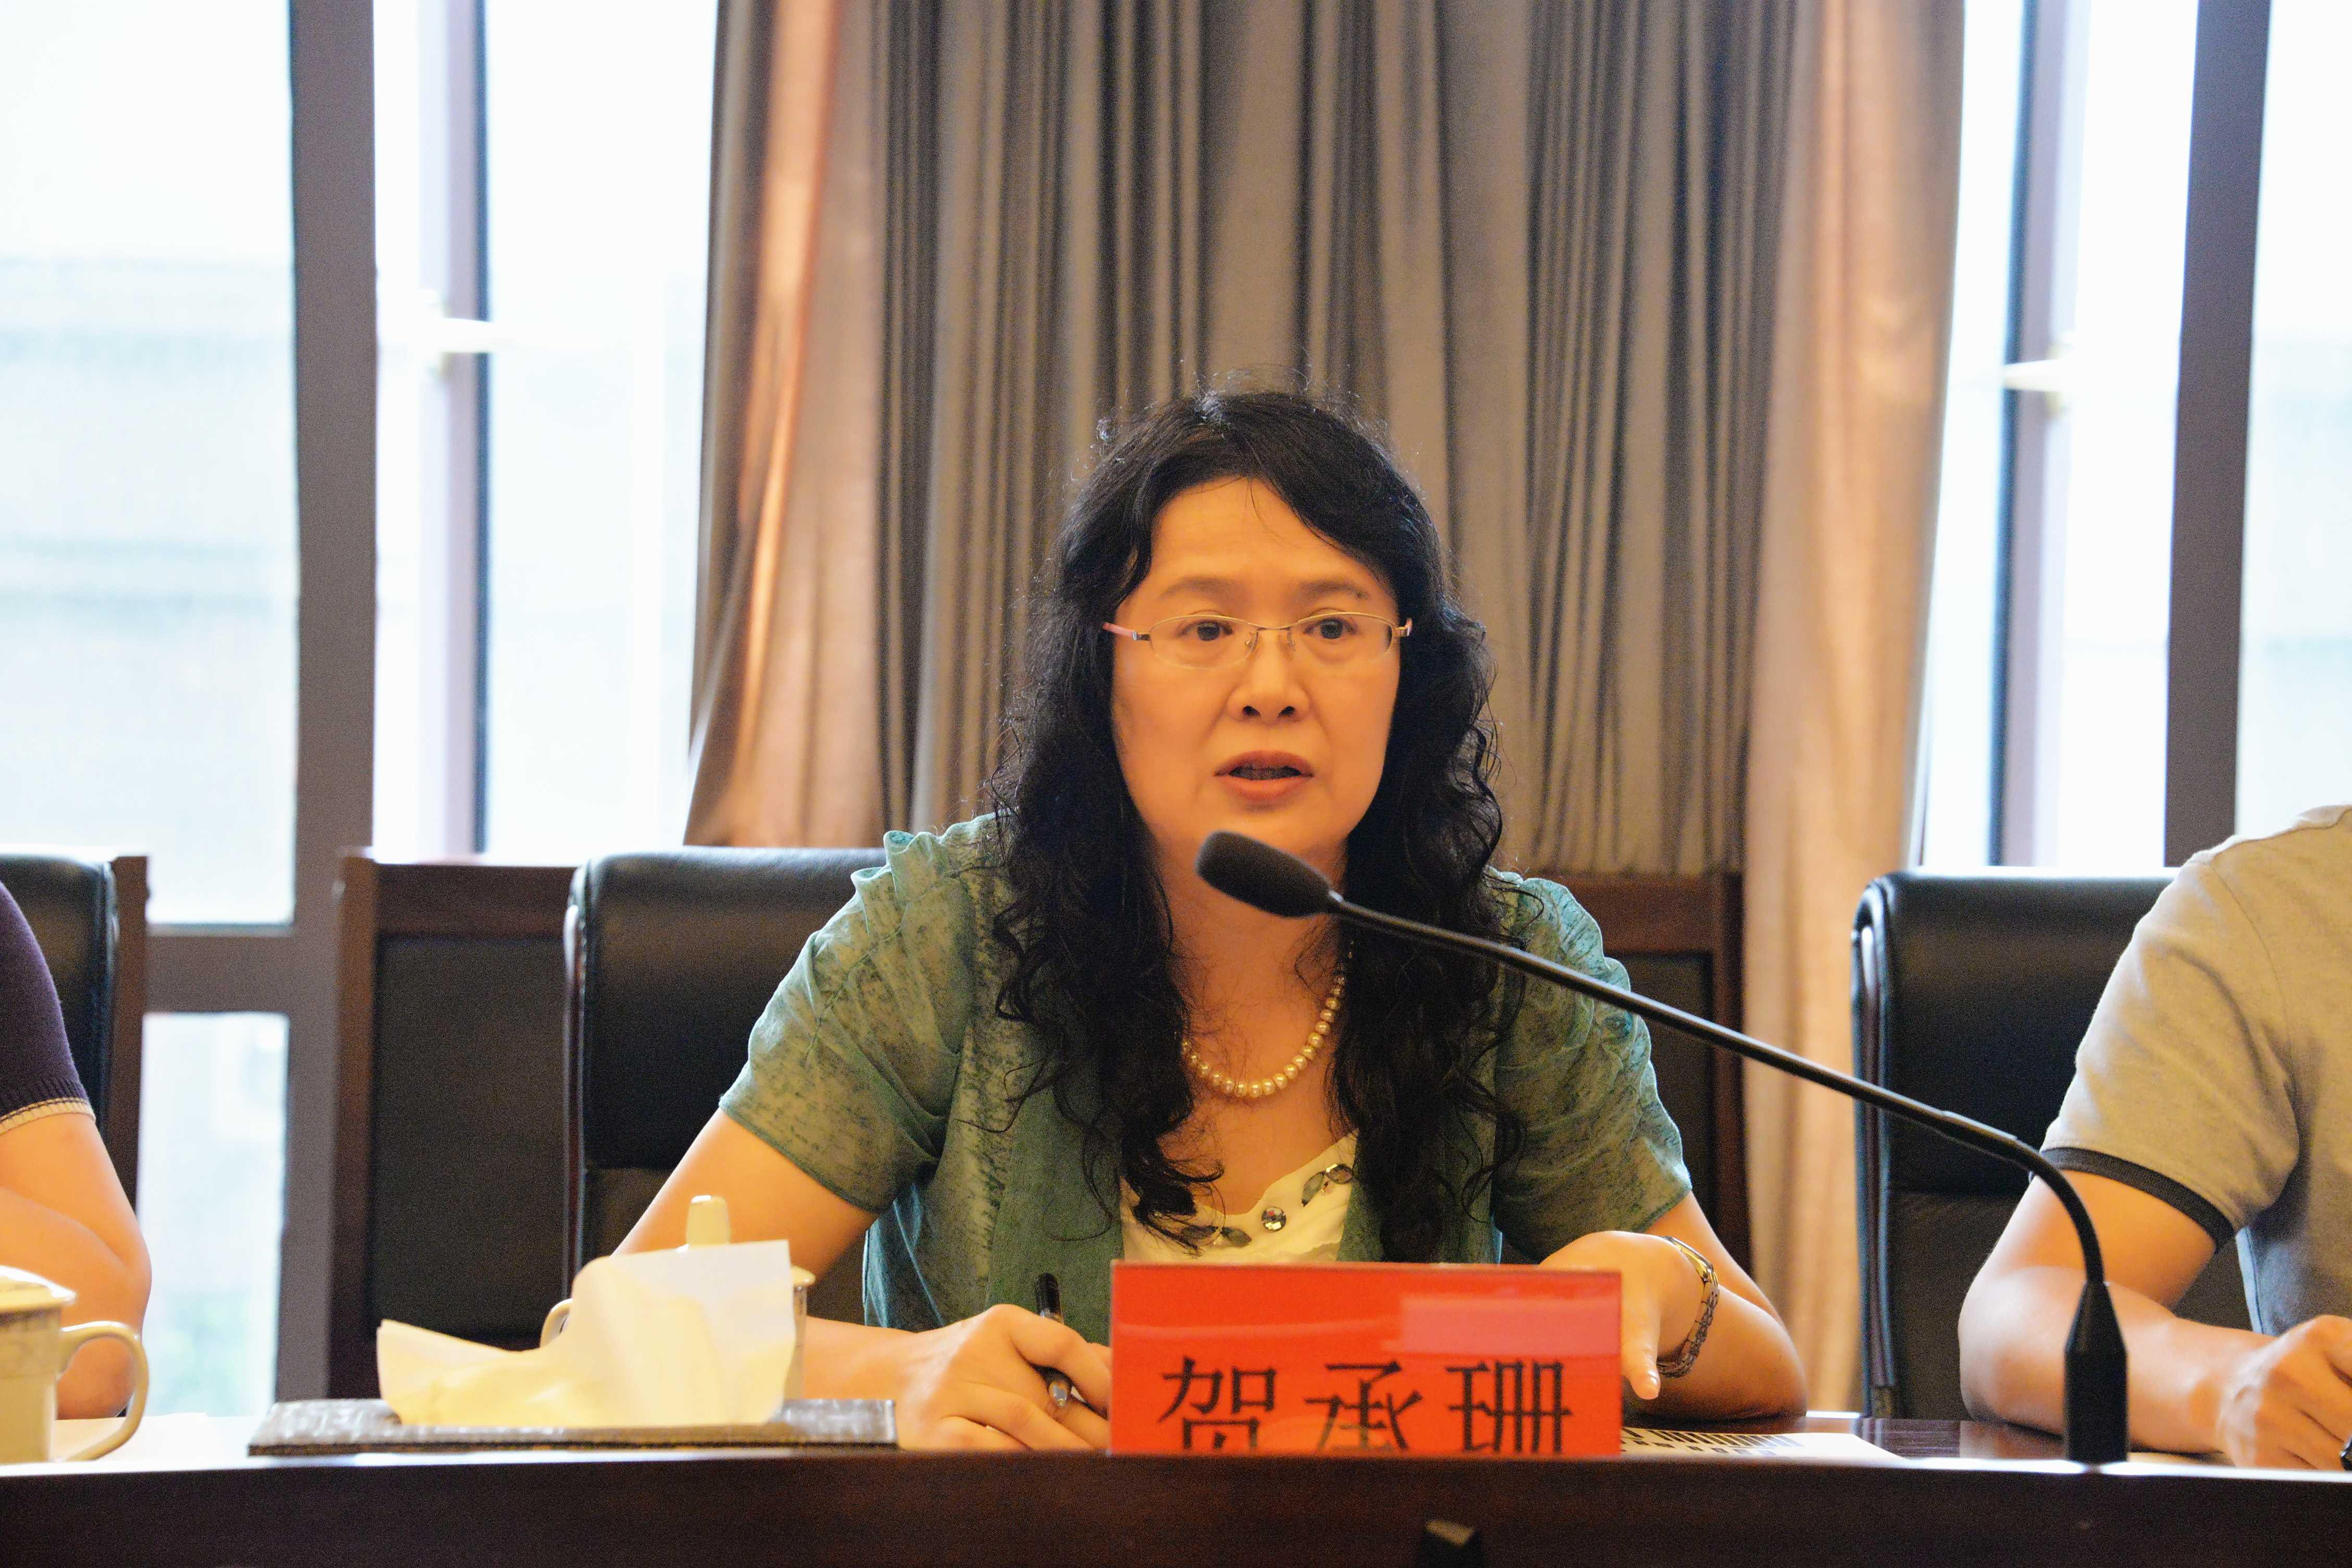 省国资委贺承珊一行到贵州现代物流集团调研指导工作